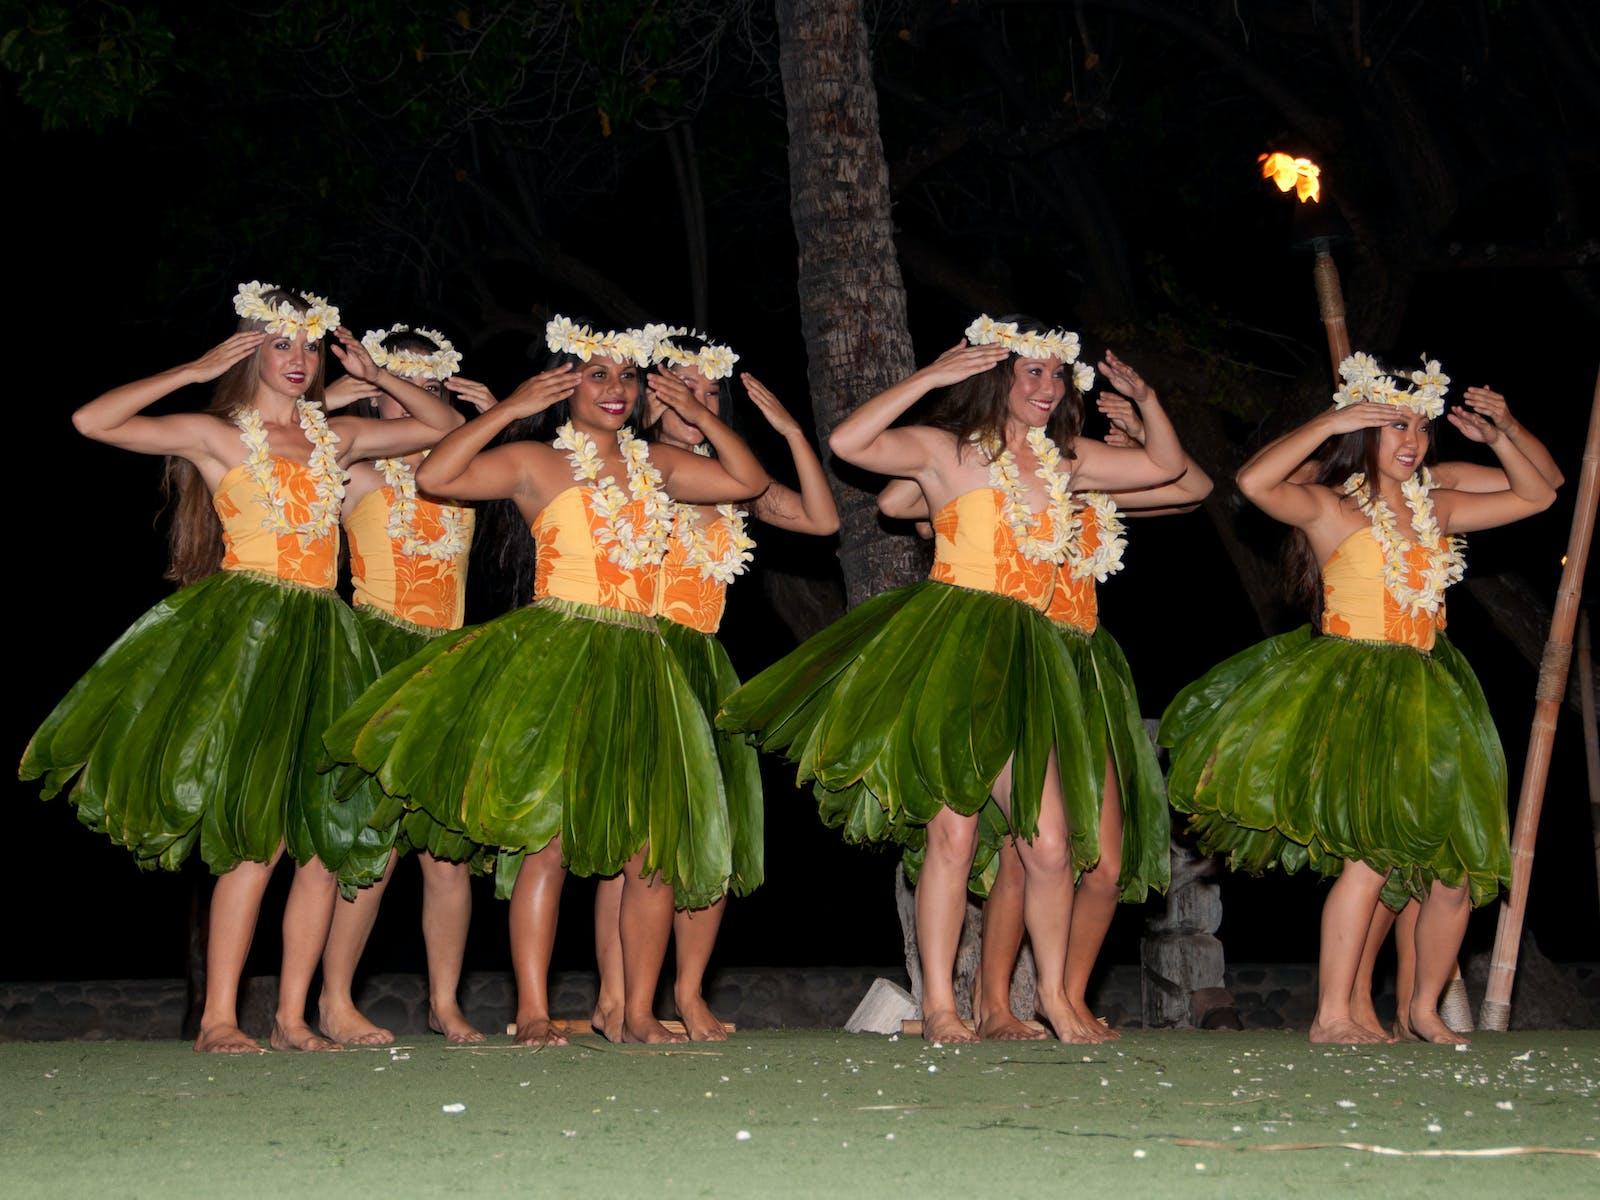 Maui Luau dancers. Image courtesy of Tavis Jacobs